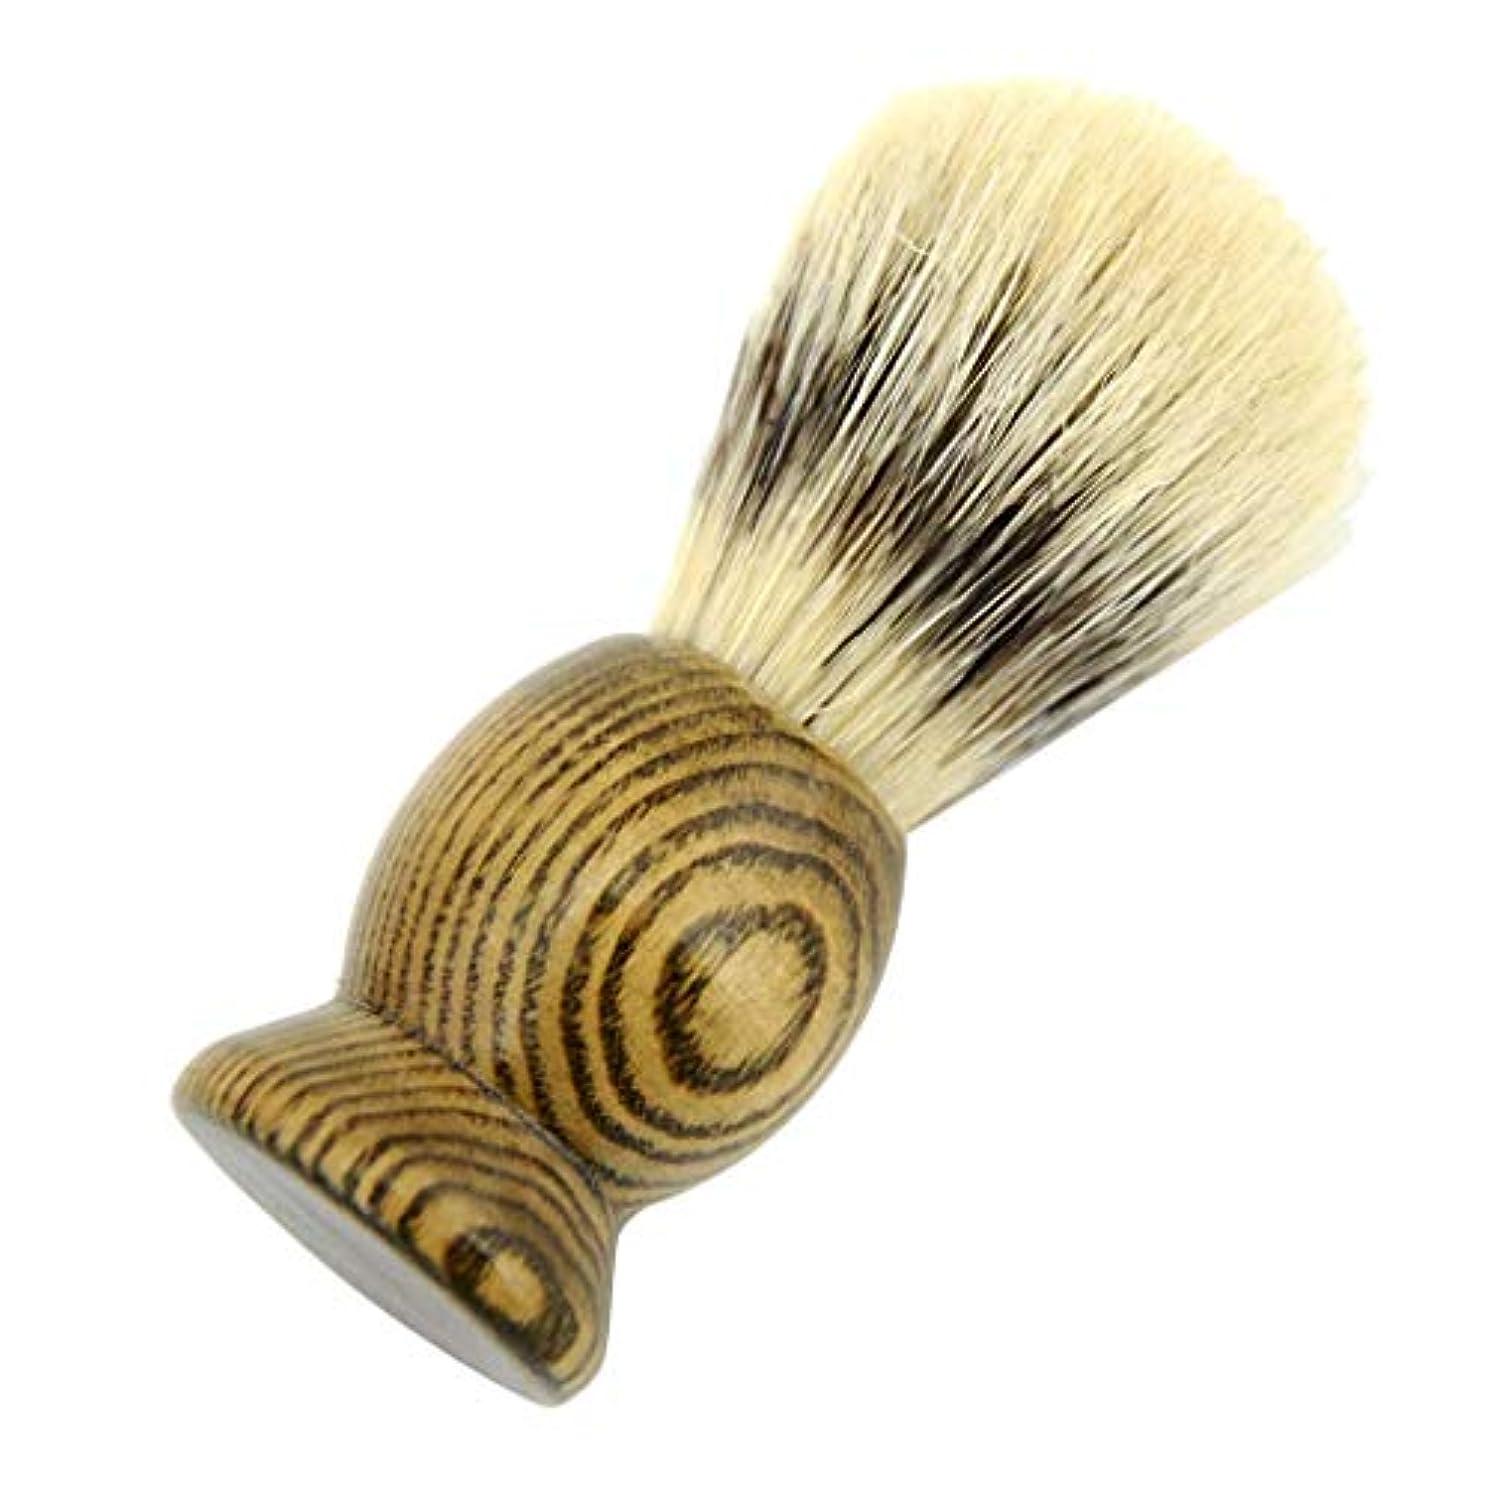 雄大な男らしさ守るsharprepublic ひげブラシ メンズ シェービングブラシ 髭剃り 理容 洗顔 ポータブルひげ剃り美容ツール